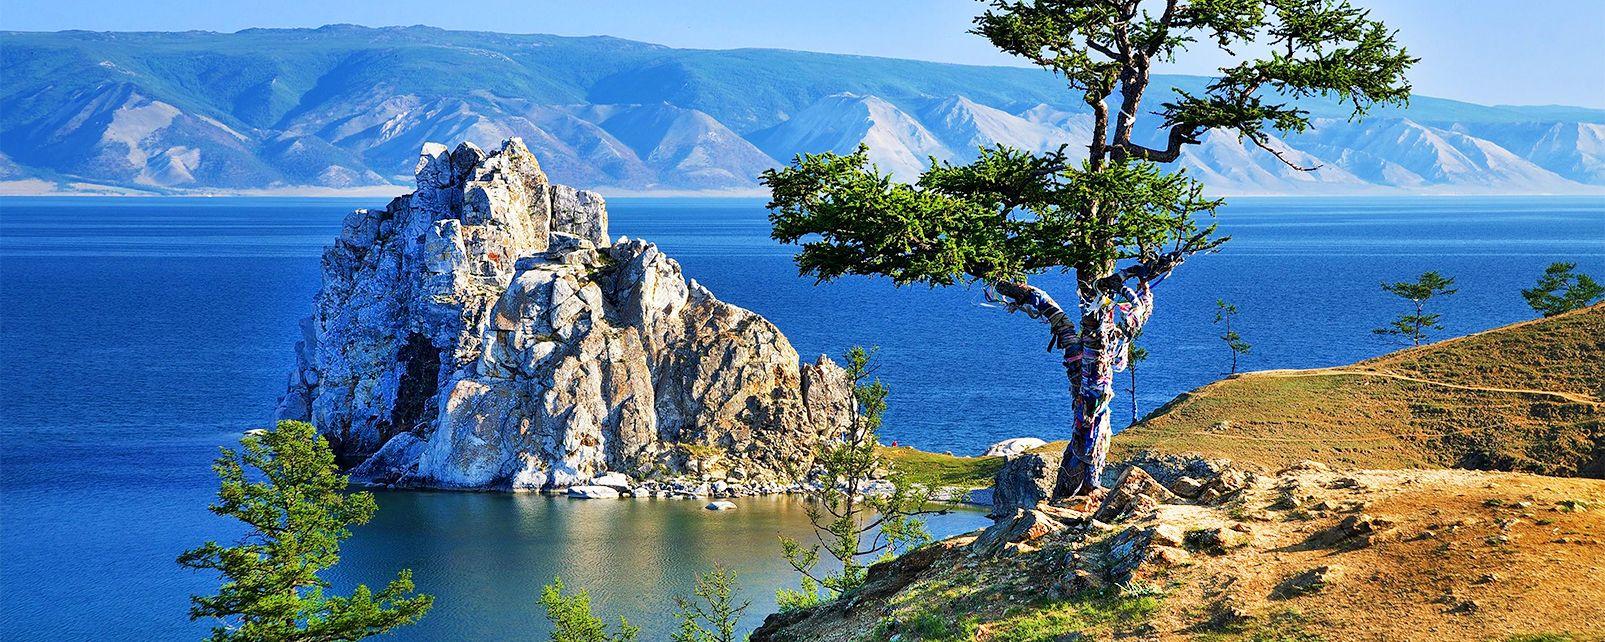 , Le lac Baïkal, I paesaggi, Irkutsk, Siberia